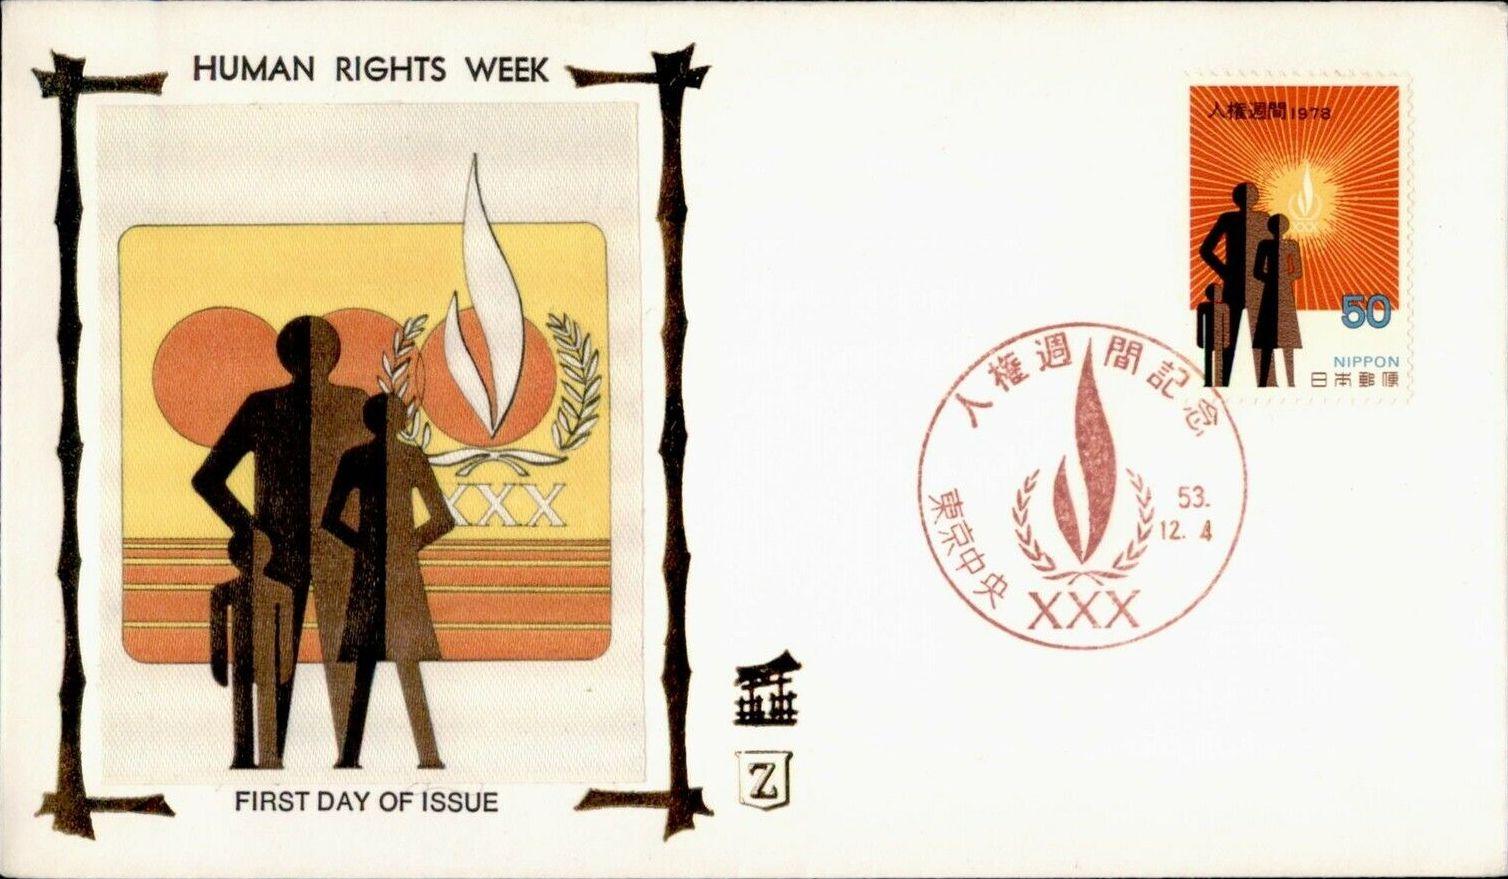 Japan 1978 Human Rights Week